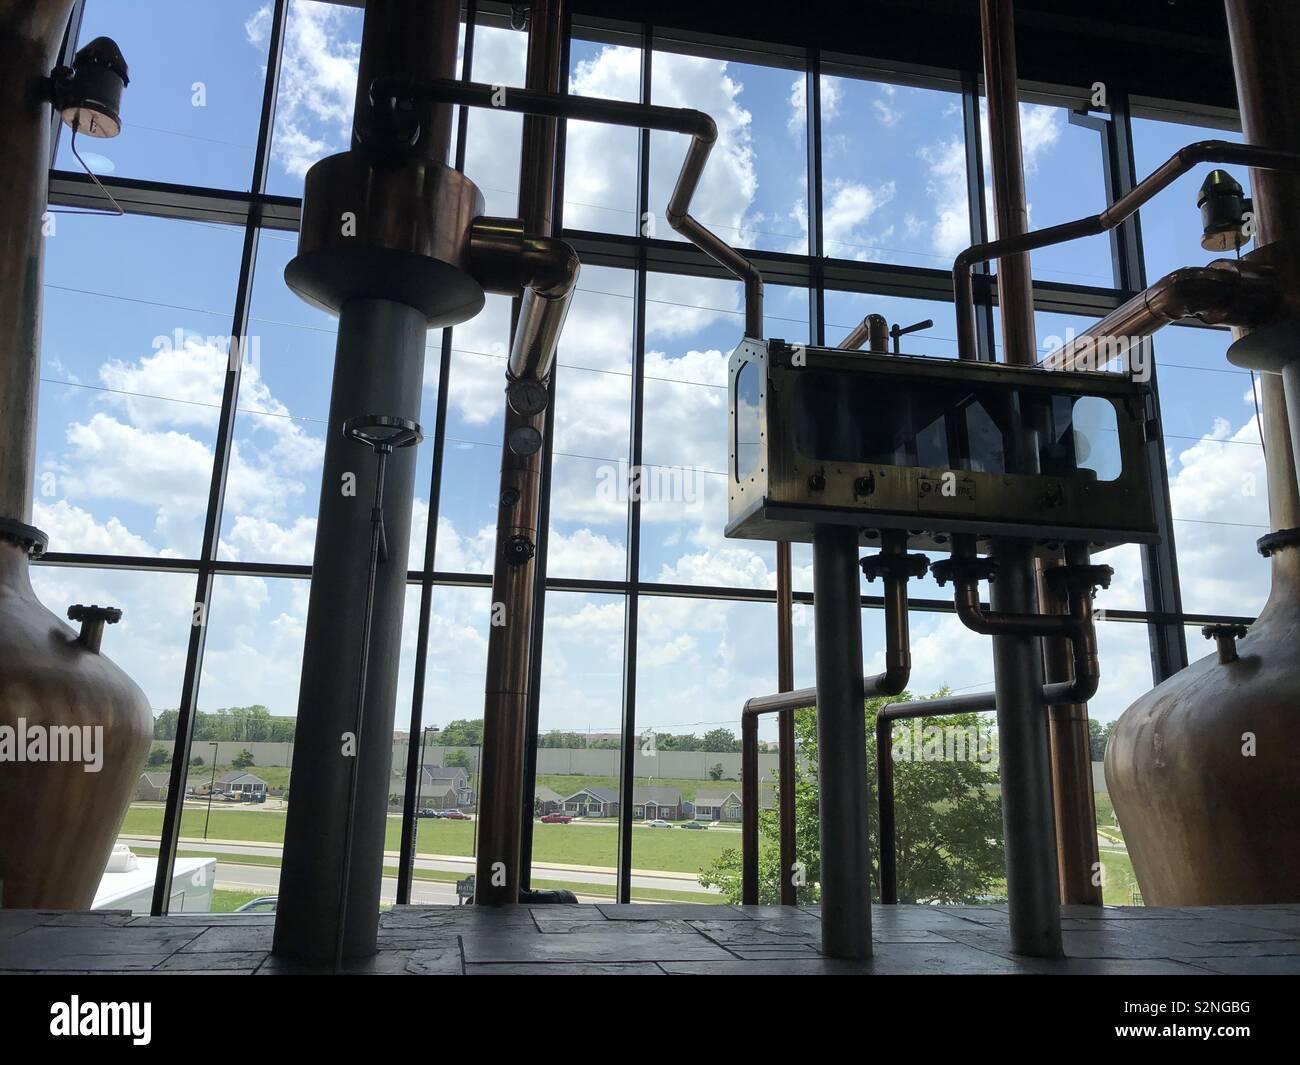 A distillery in Kentucky, USA - Stock Image